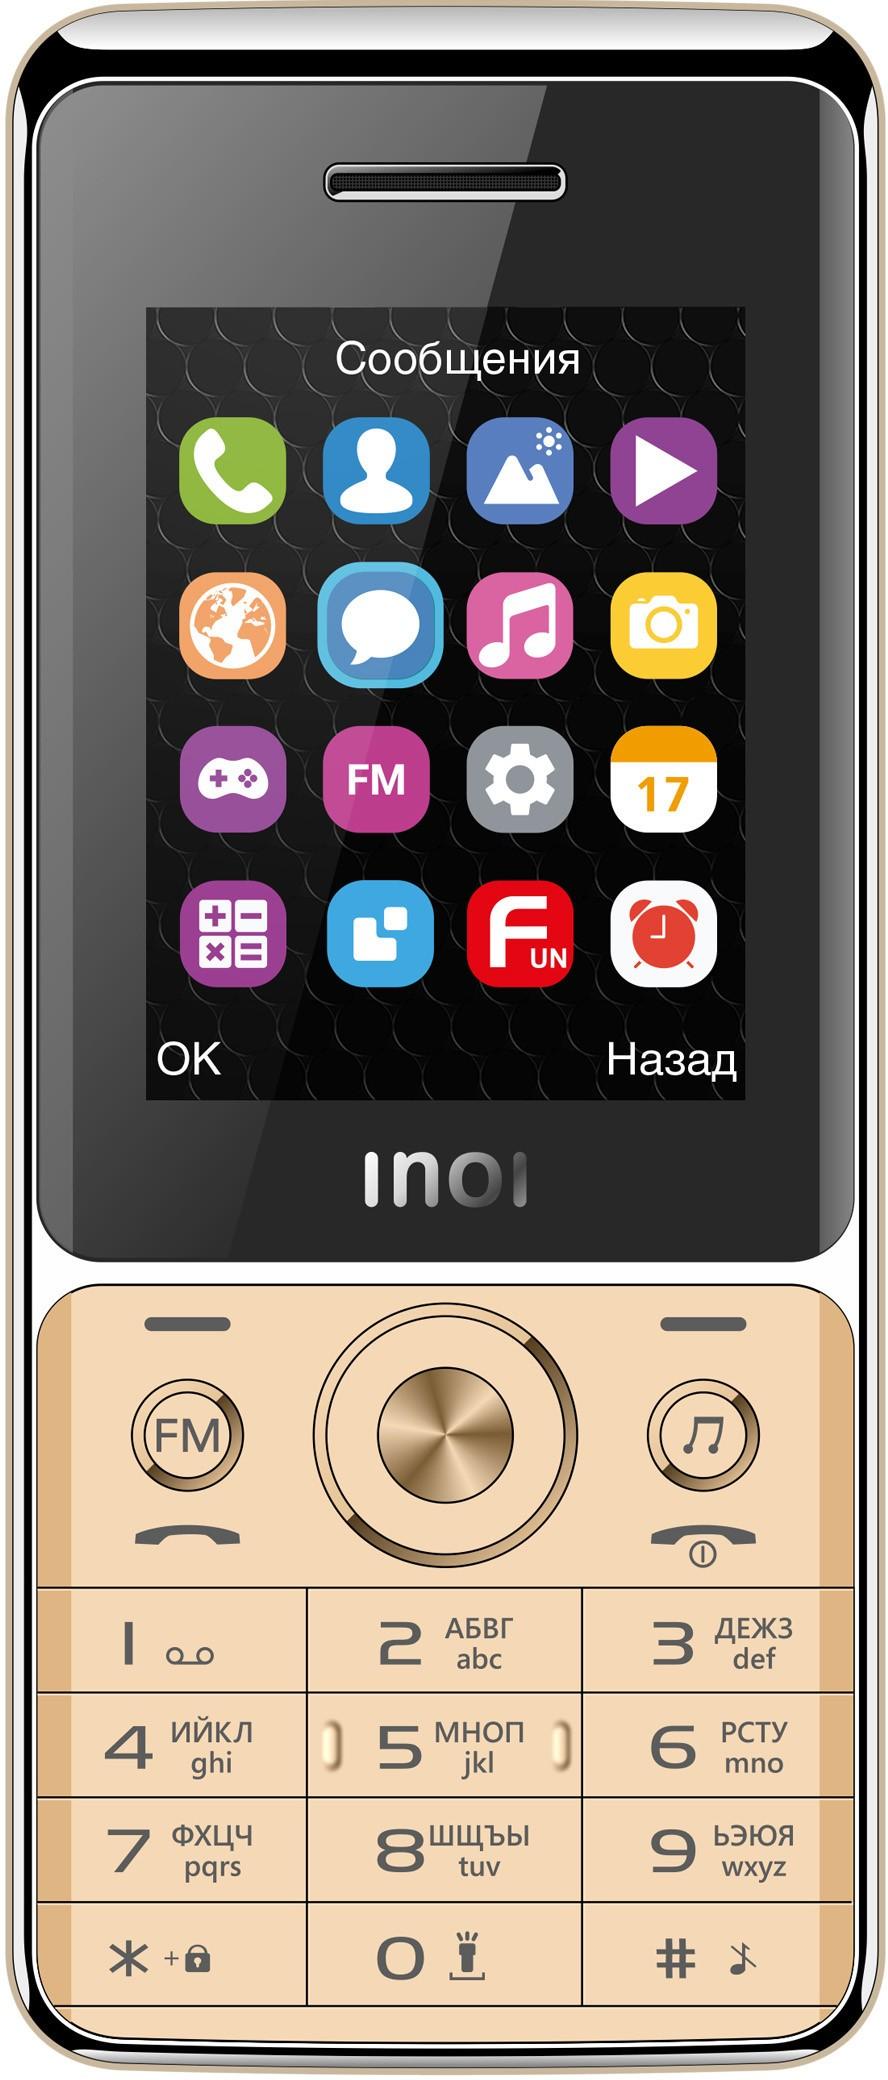 Inoi 248M